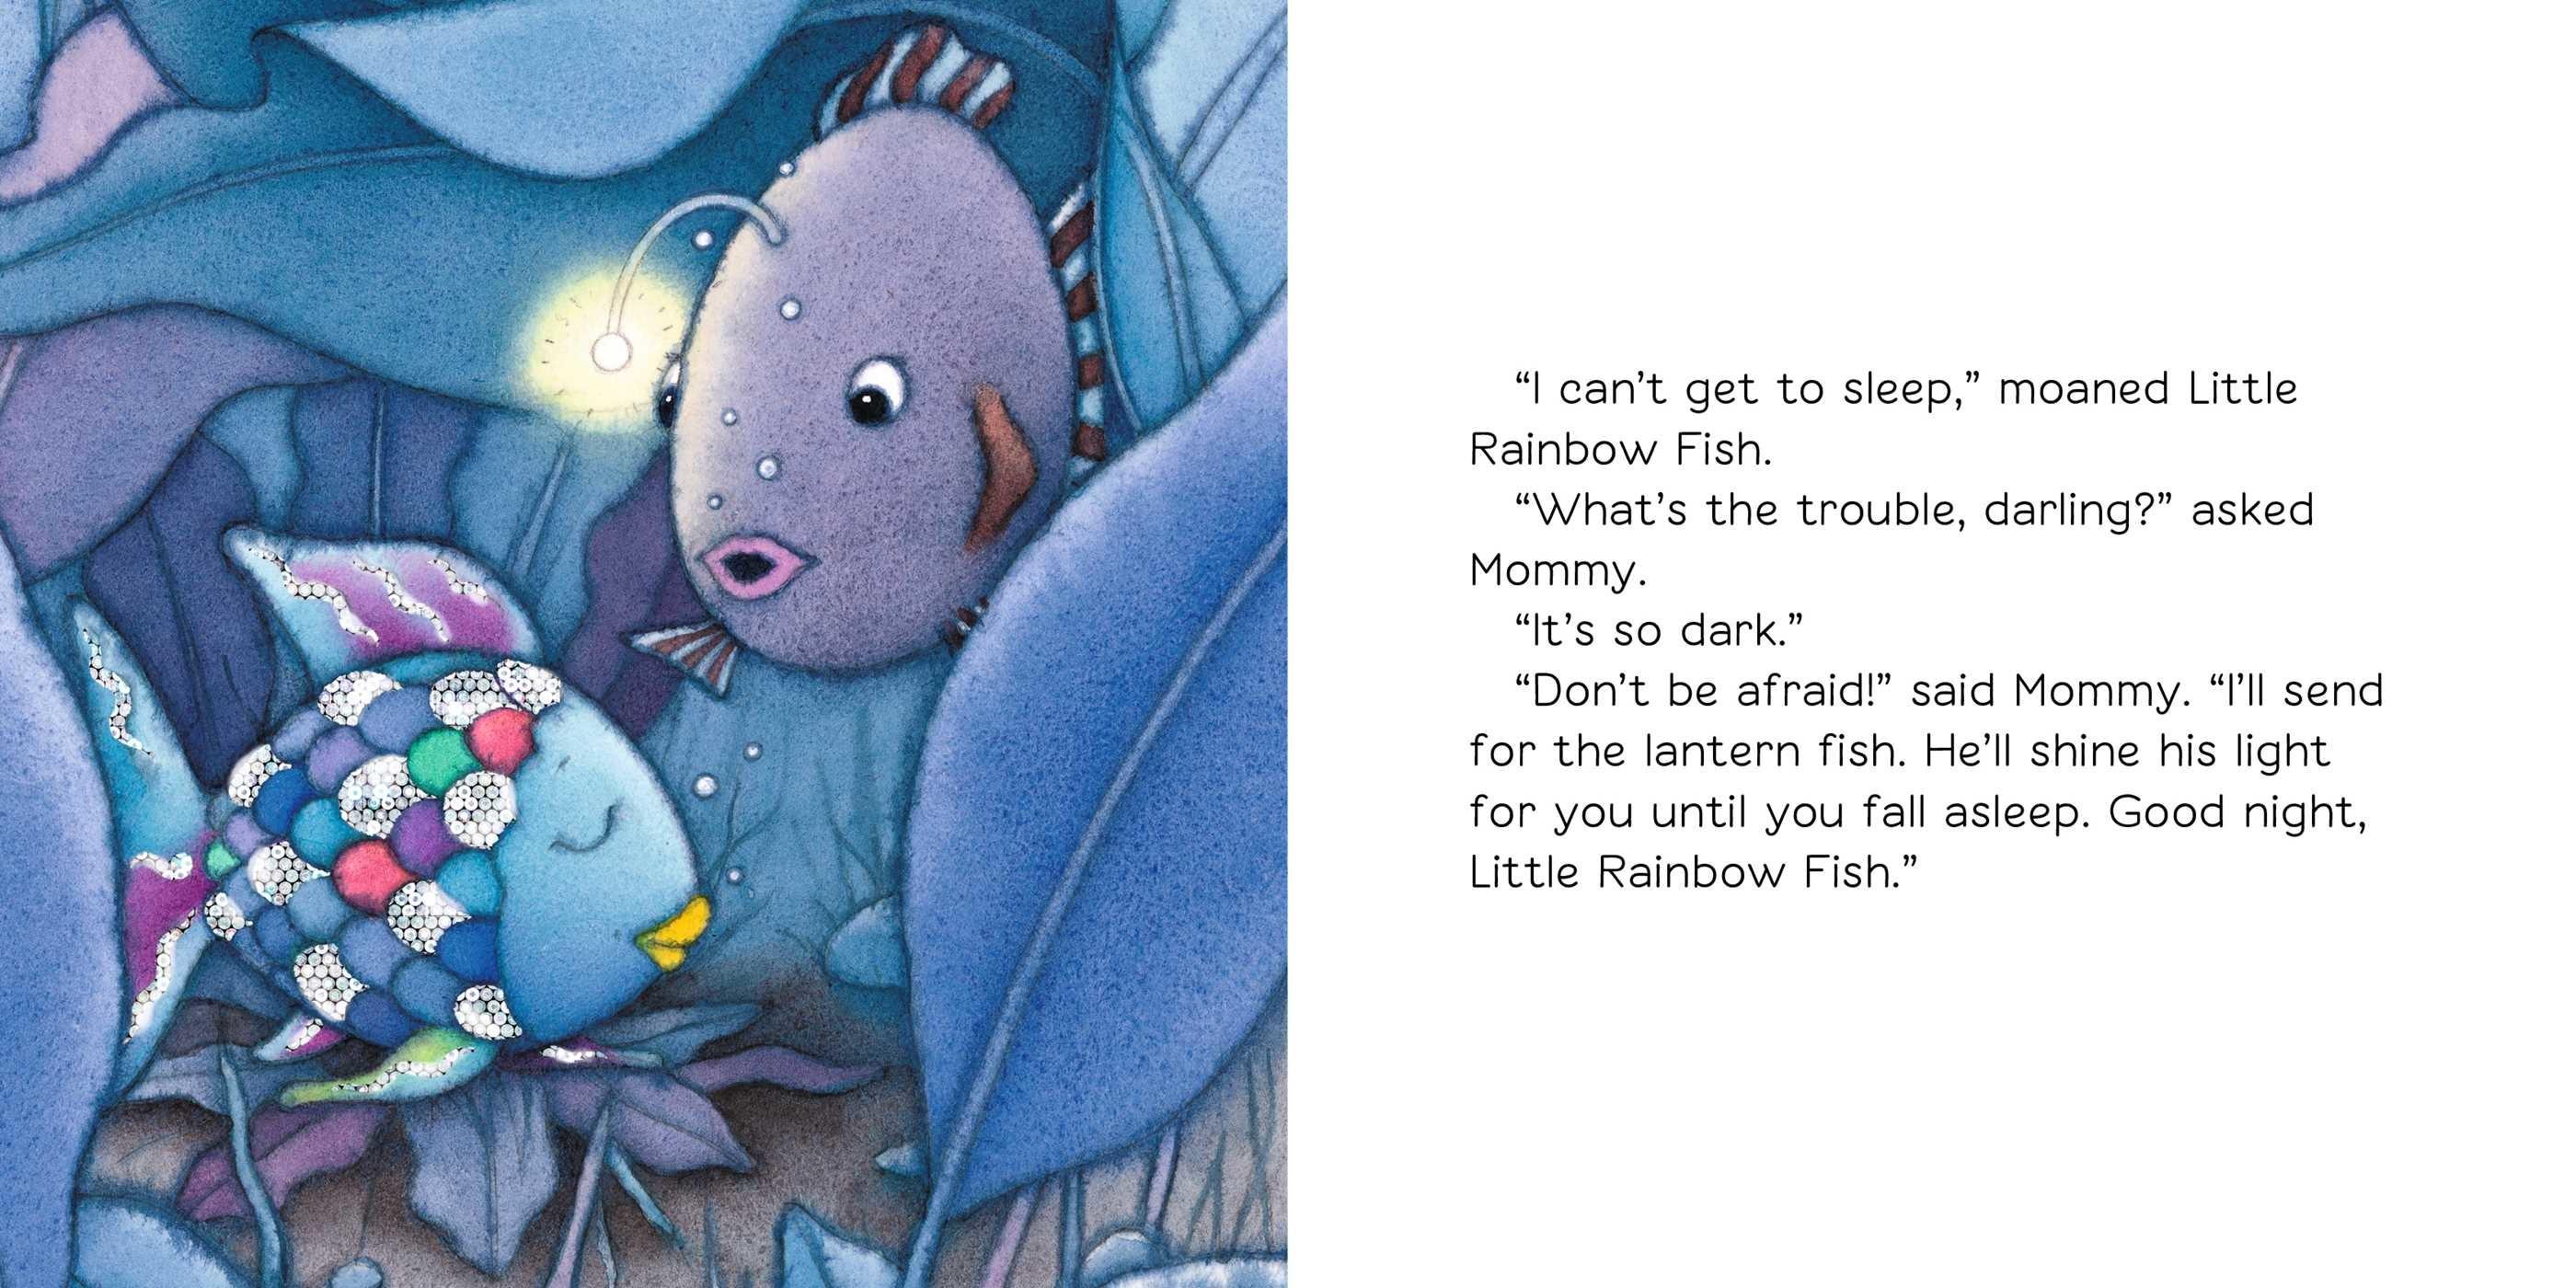 Good night little rainbow fish 9780735842854.in01